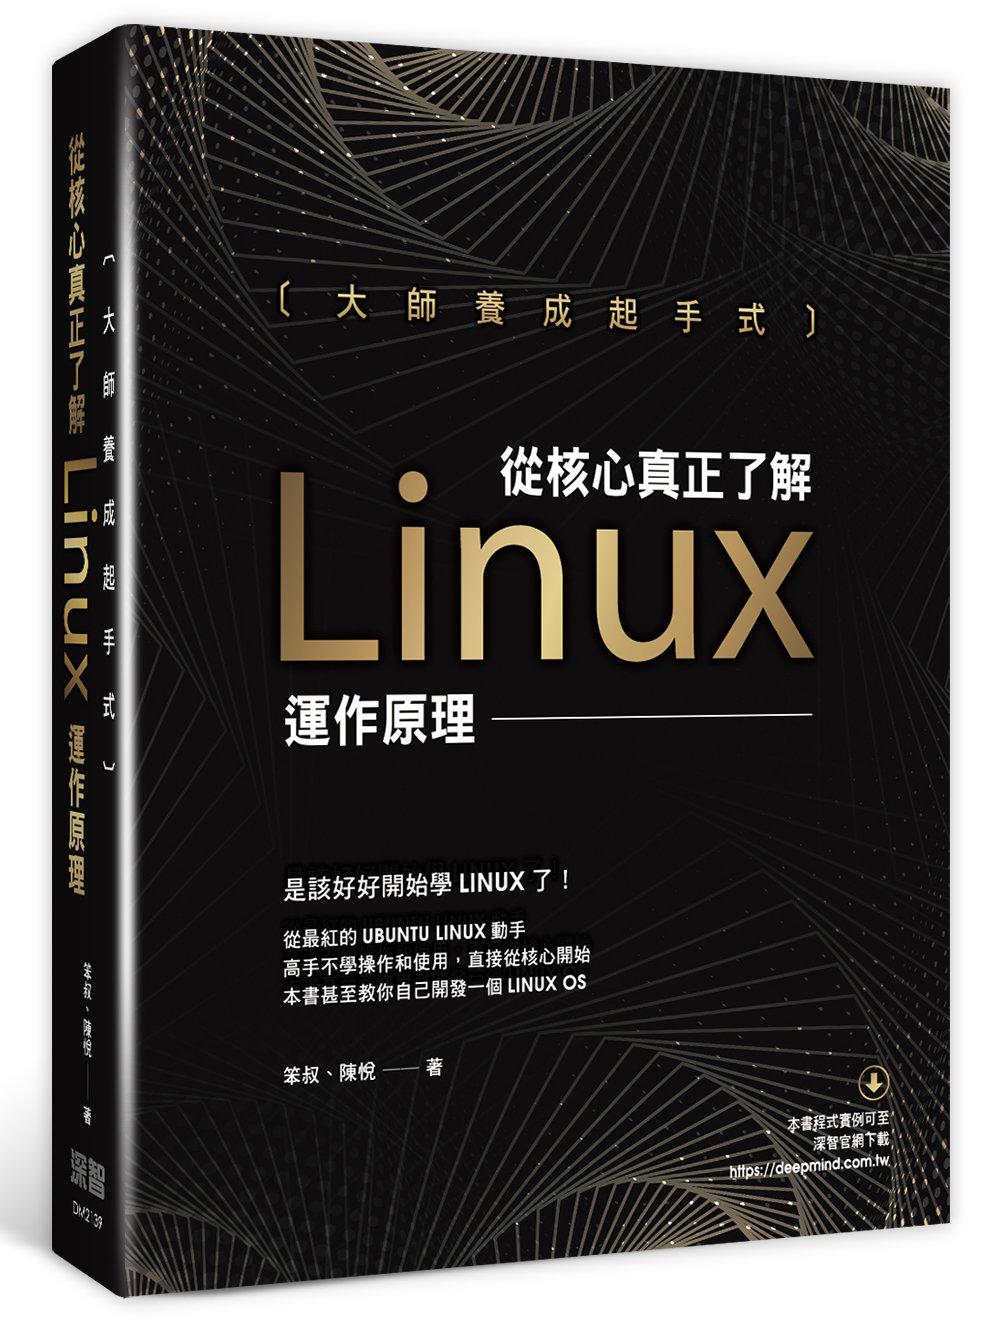 大師養成起手式:從核心真正了解 Linux 運作原理-preview-1